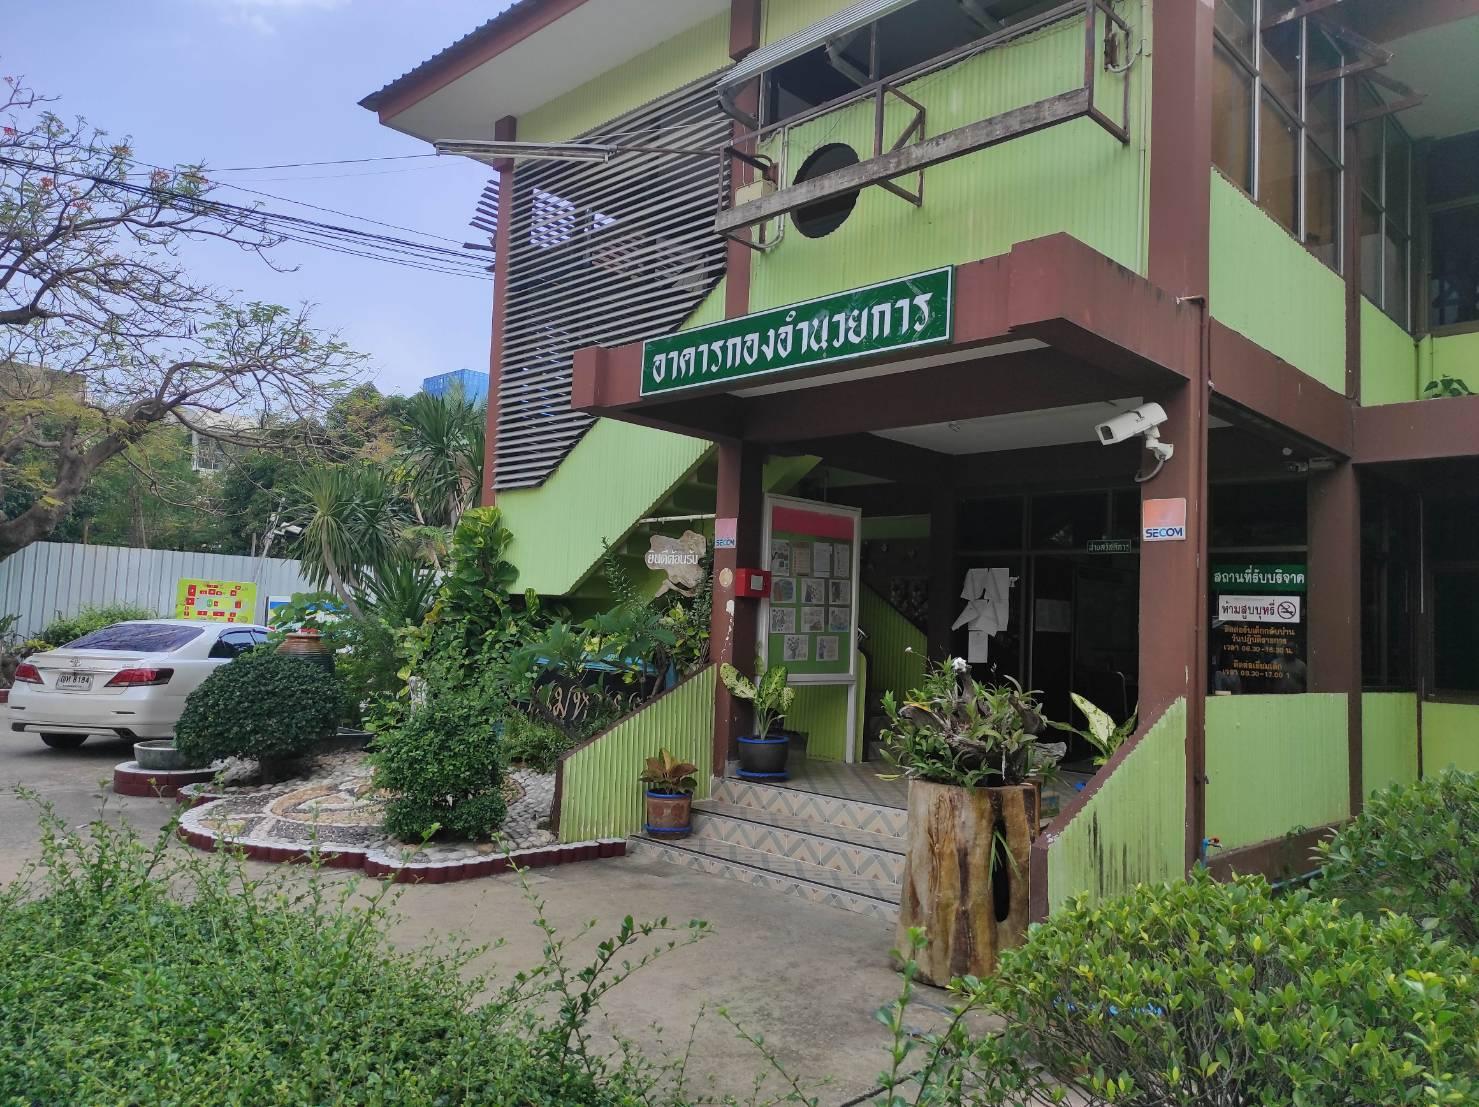 NPOボールひとつが繋ぐ縁 建物タイ王国 バンコク bannmahamek LIVE支援(2021年4月17日)